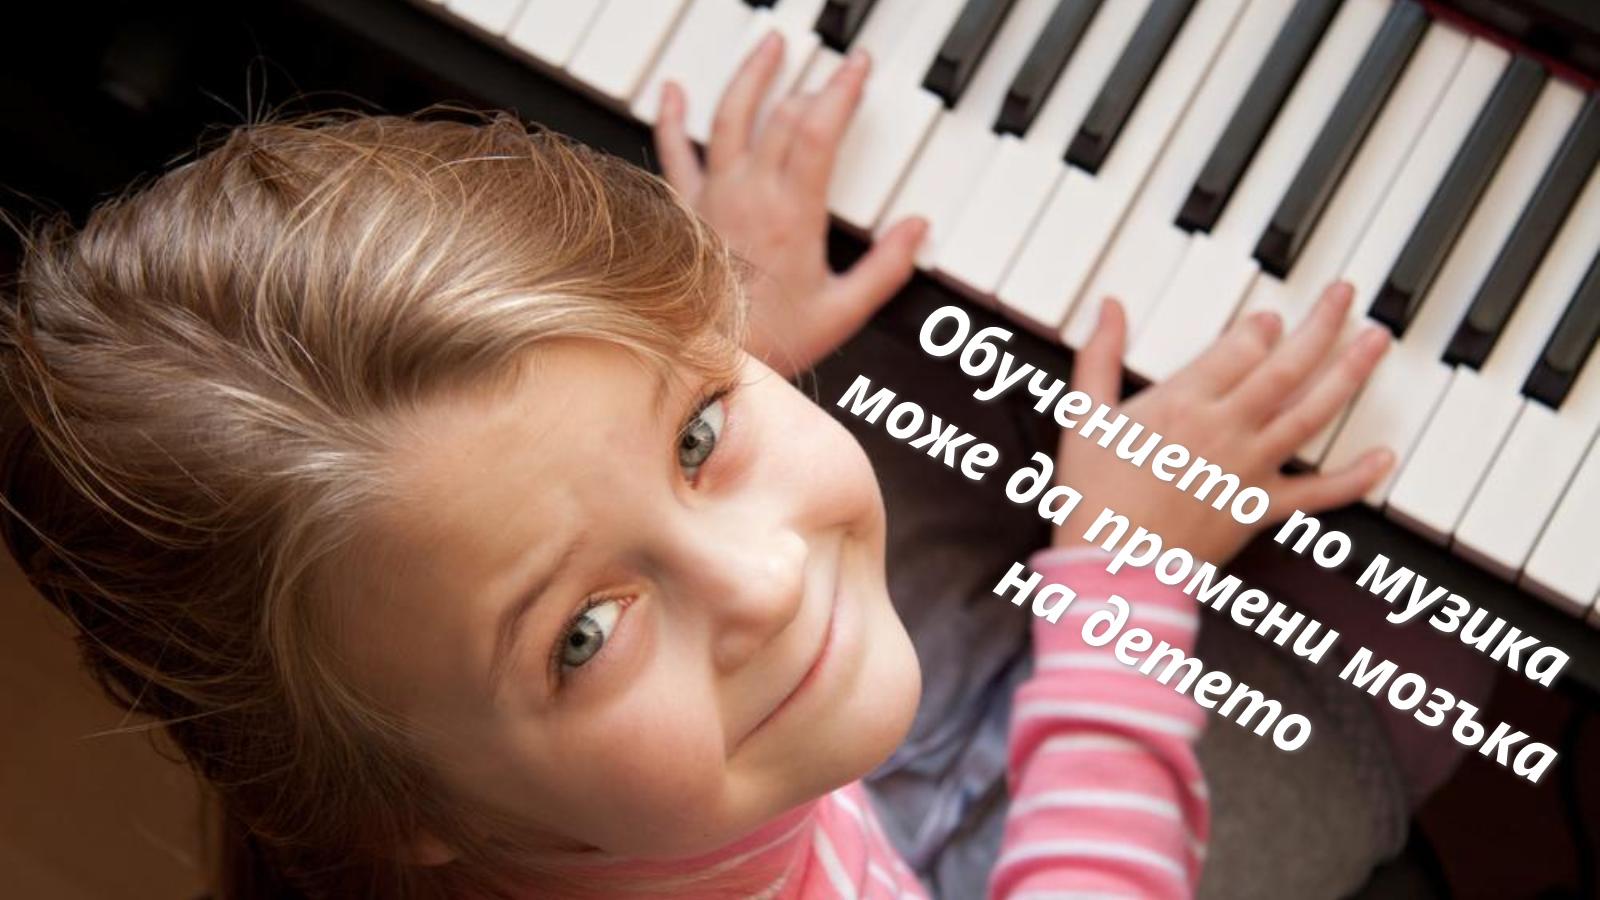 Обучението по музика може да промени мозъка на детето